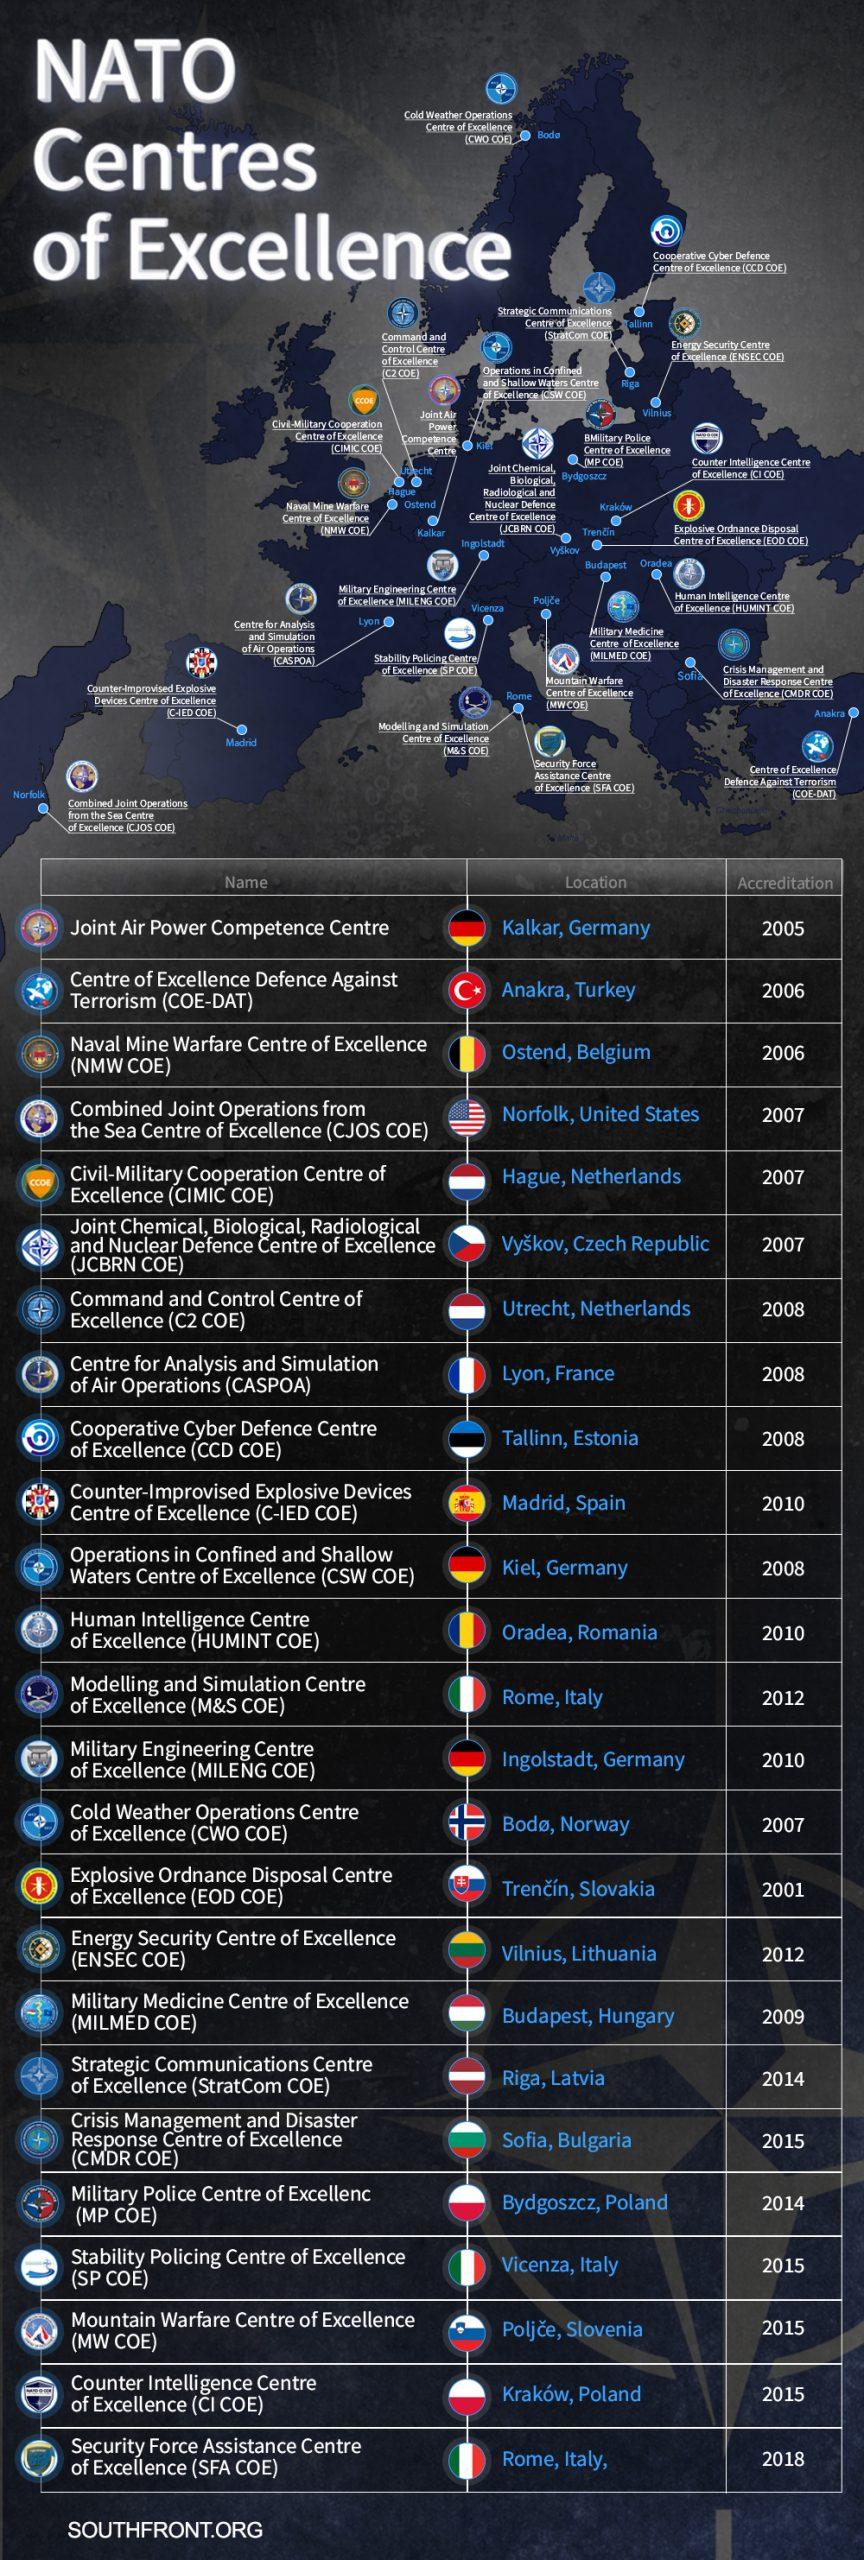 NATO Cooperative Cyber Defense Center of Excellence In Estonia